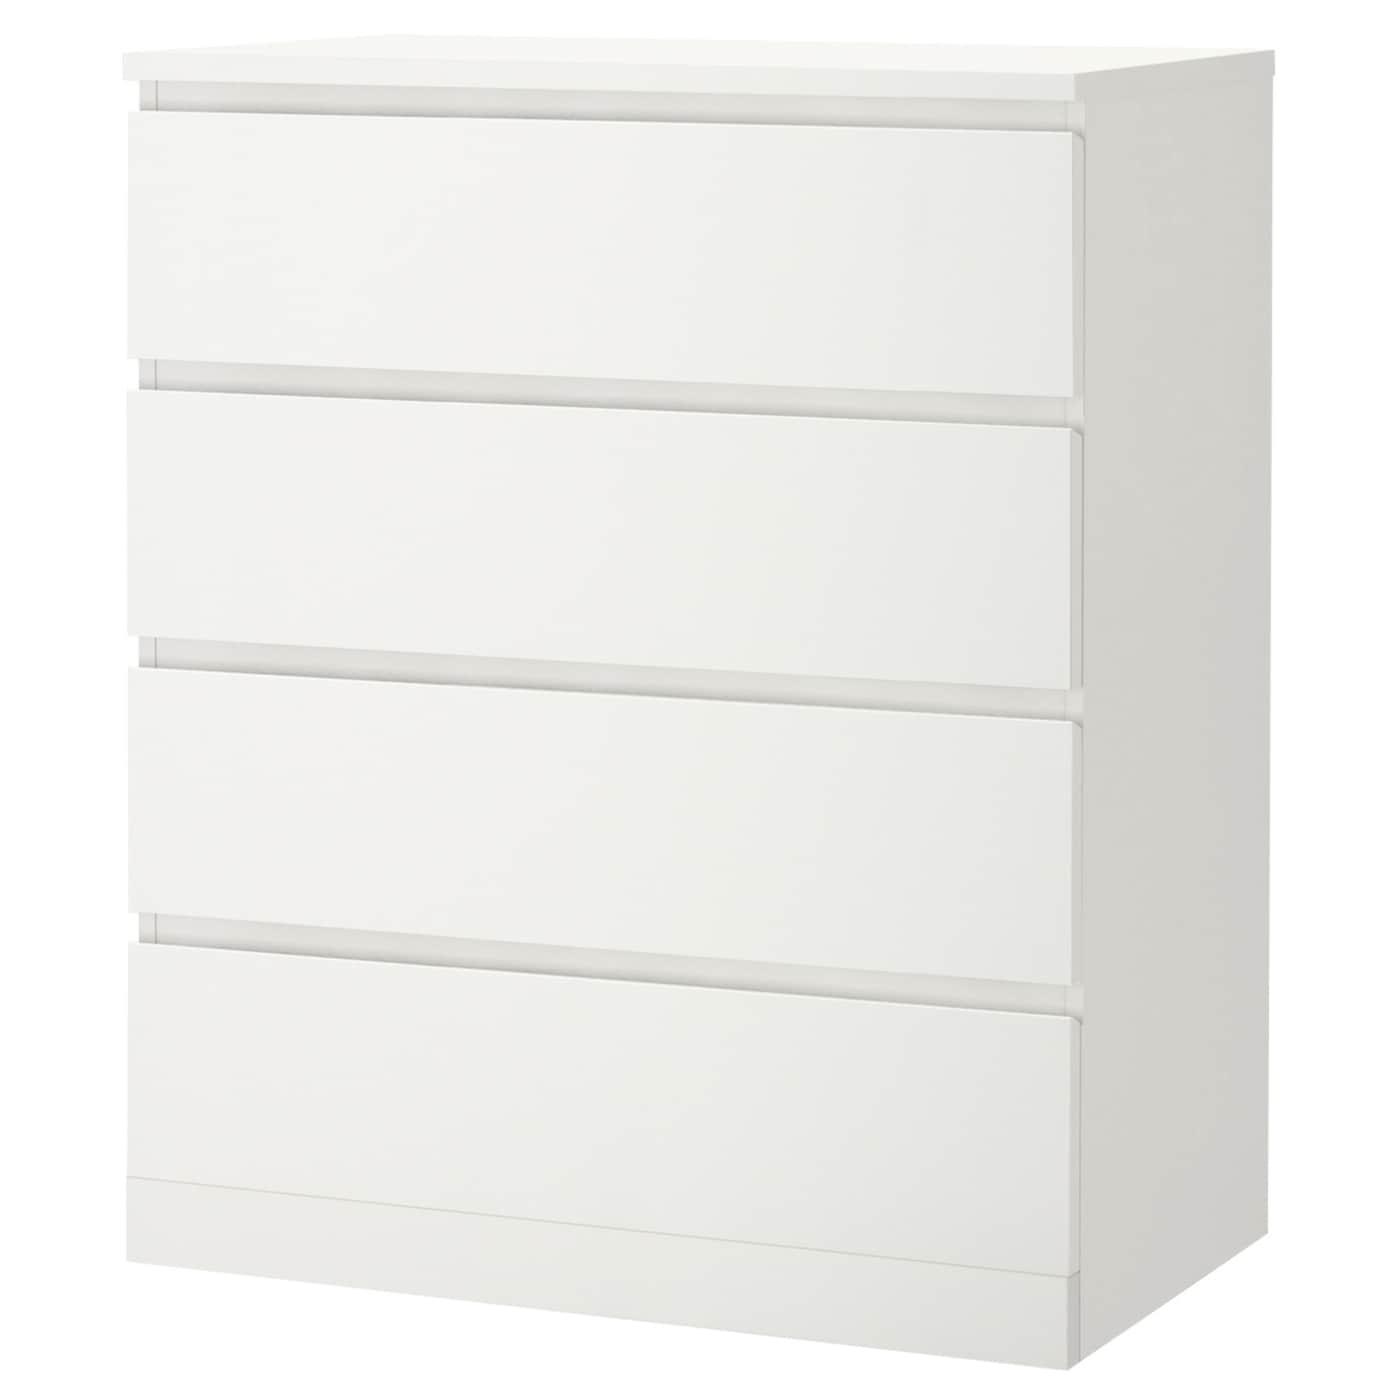 MALM Cómoda de 4 cajones blanco 80x100 cm